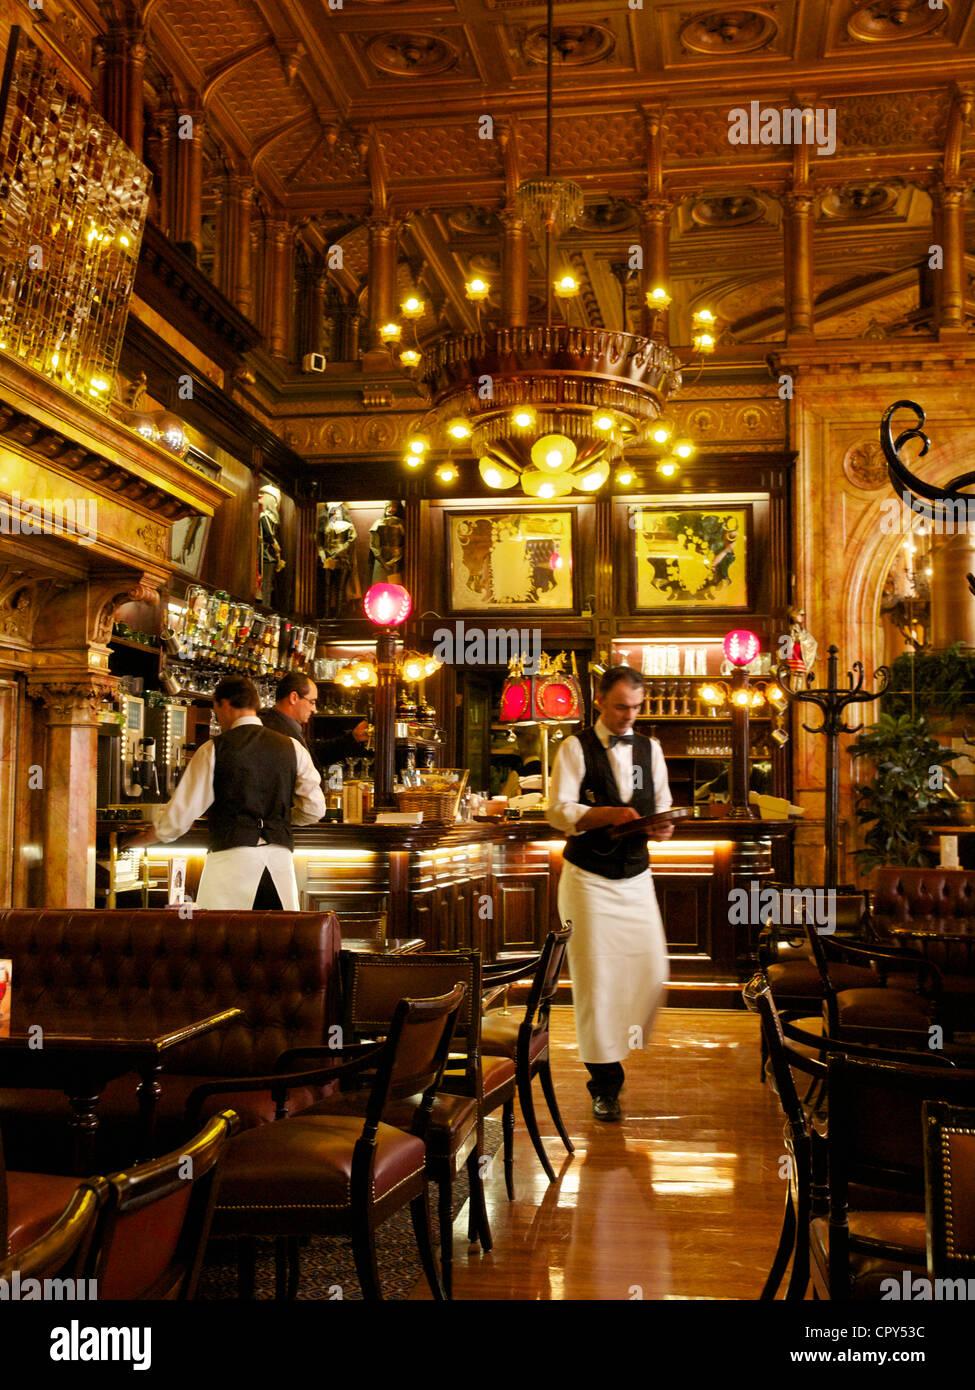 Innenraum der Bar des Hotel Metropole in Brüssel, einer der berühmtesten Grandhotels in der belgischen Stockbild